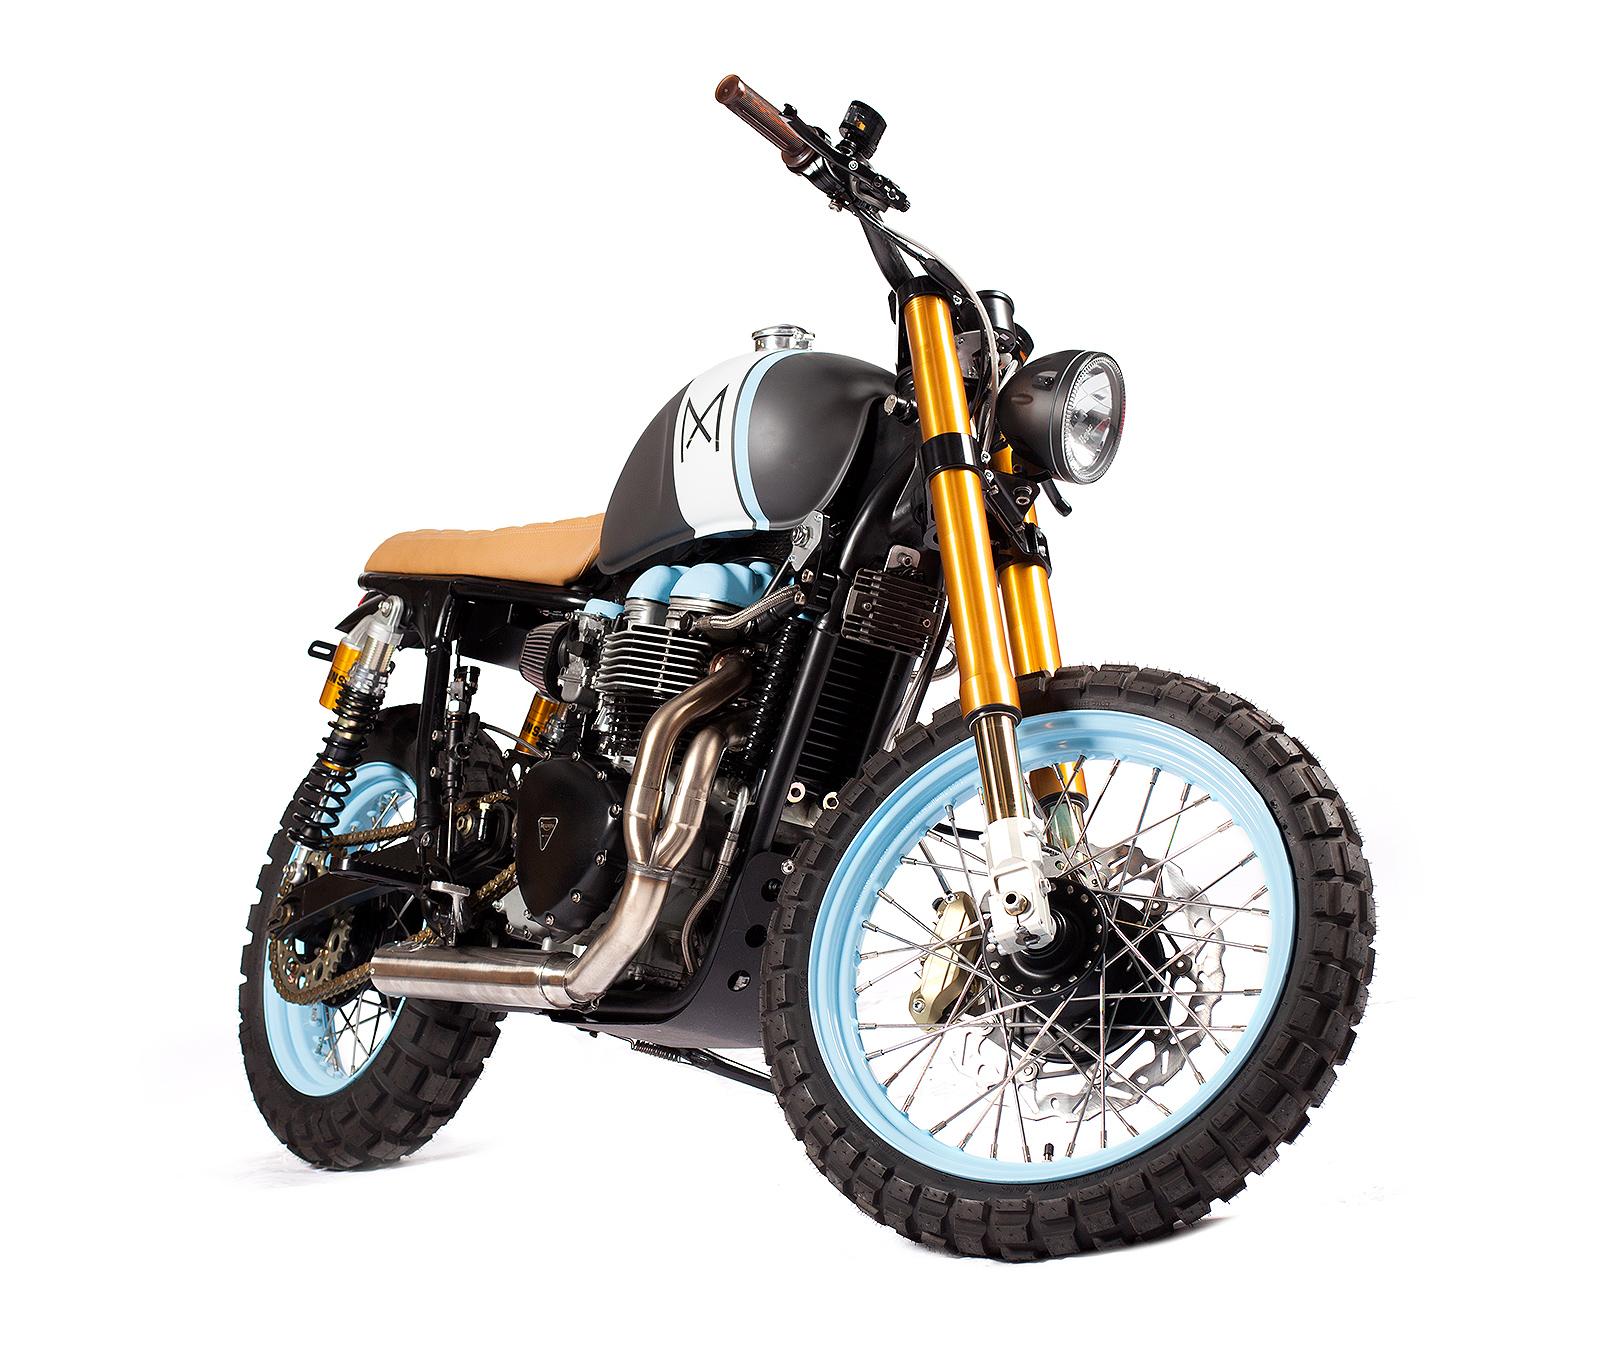 maria_motorcycles_triumph_bonneville_elcarmen_1795